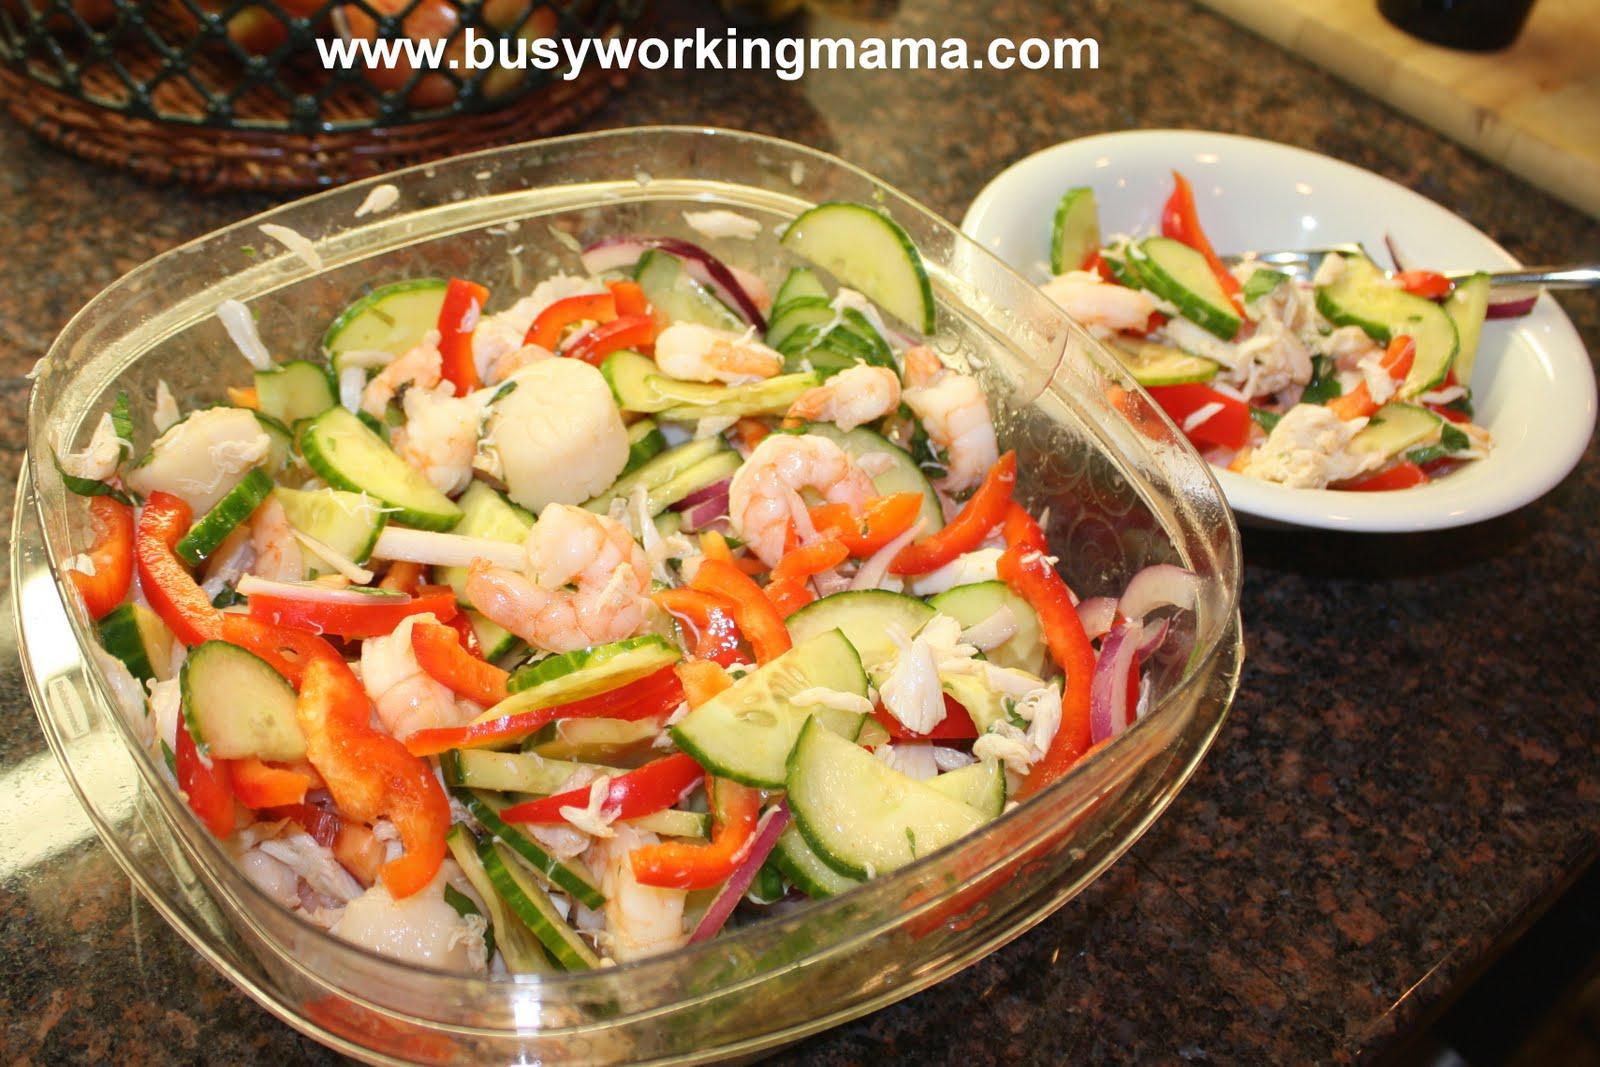 Seafood salad recipe imitation crab 7000 recipes for Fish salad recipes